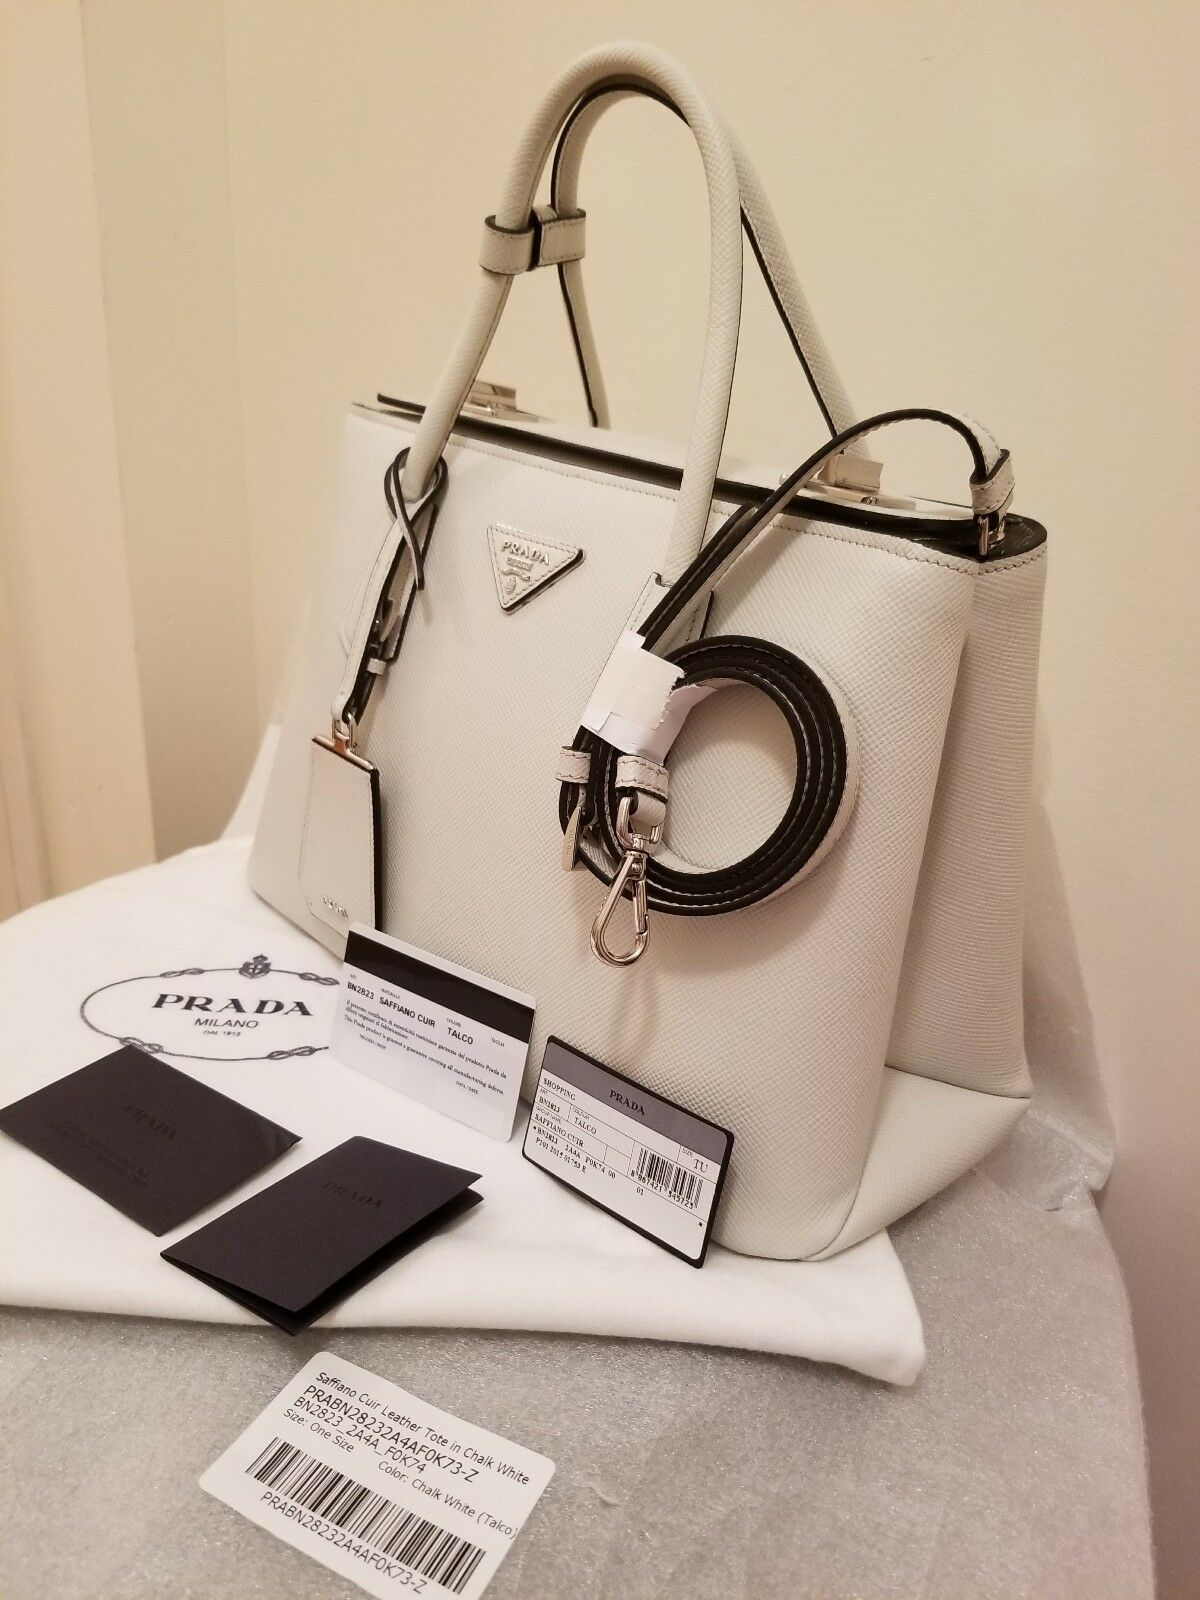 0ad0fd52c3a4 PRADA Saffiano Cuir Leather Tote in Chalk White Bn2823 for sale ...